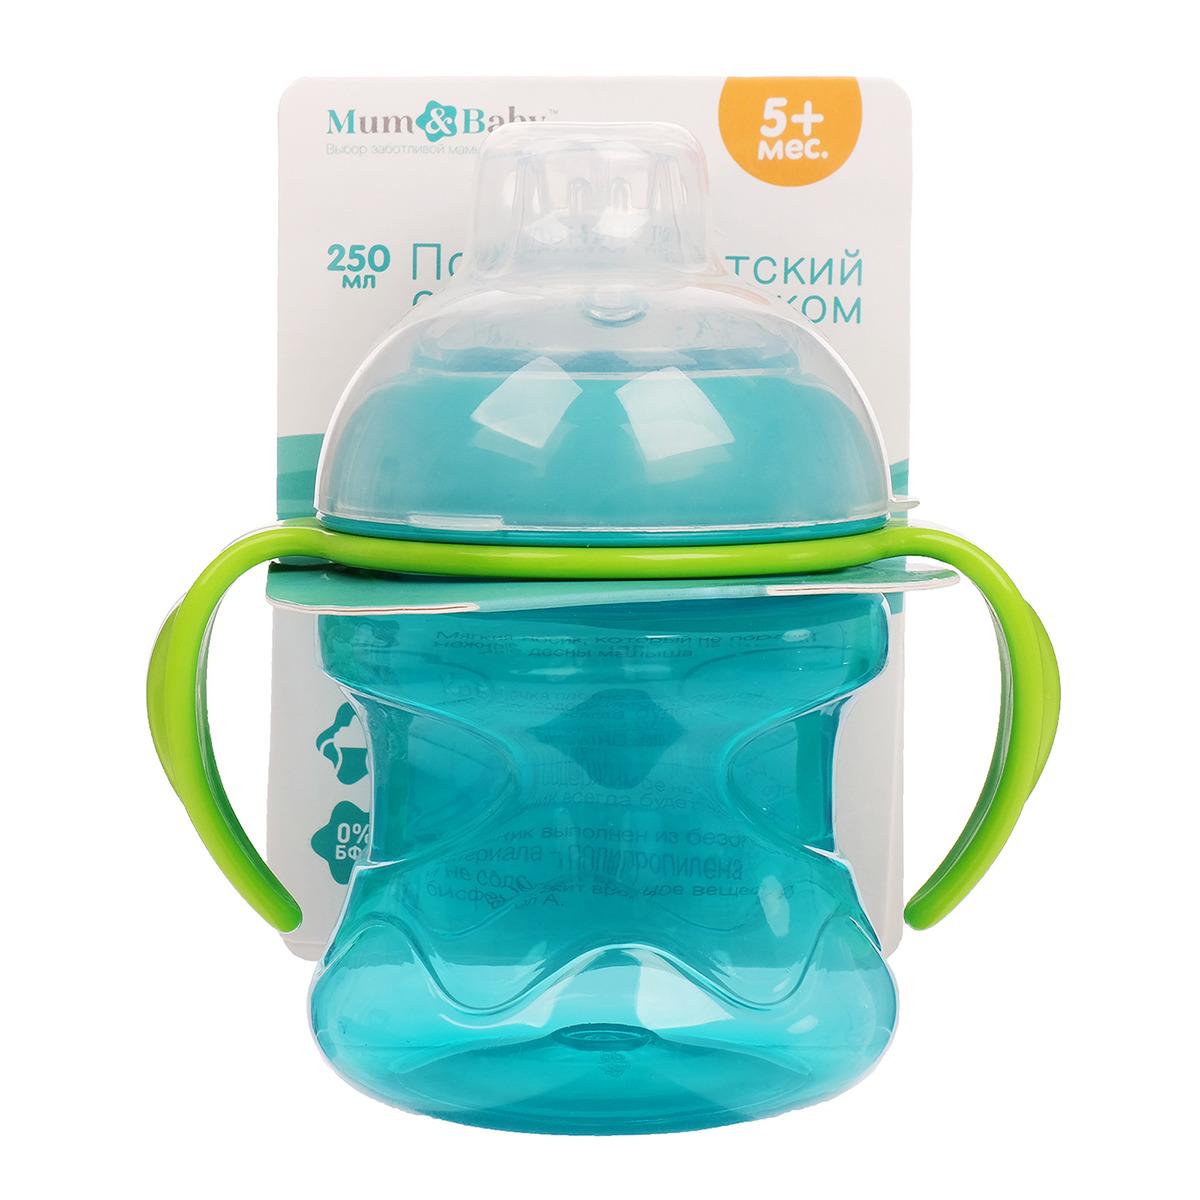 Поильник для детей Mum&Baby, 2936643, с мягким носиком, 250 мл